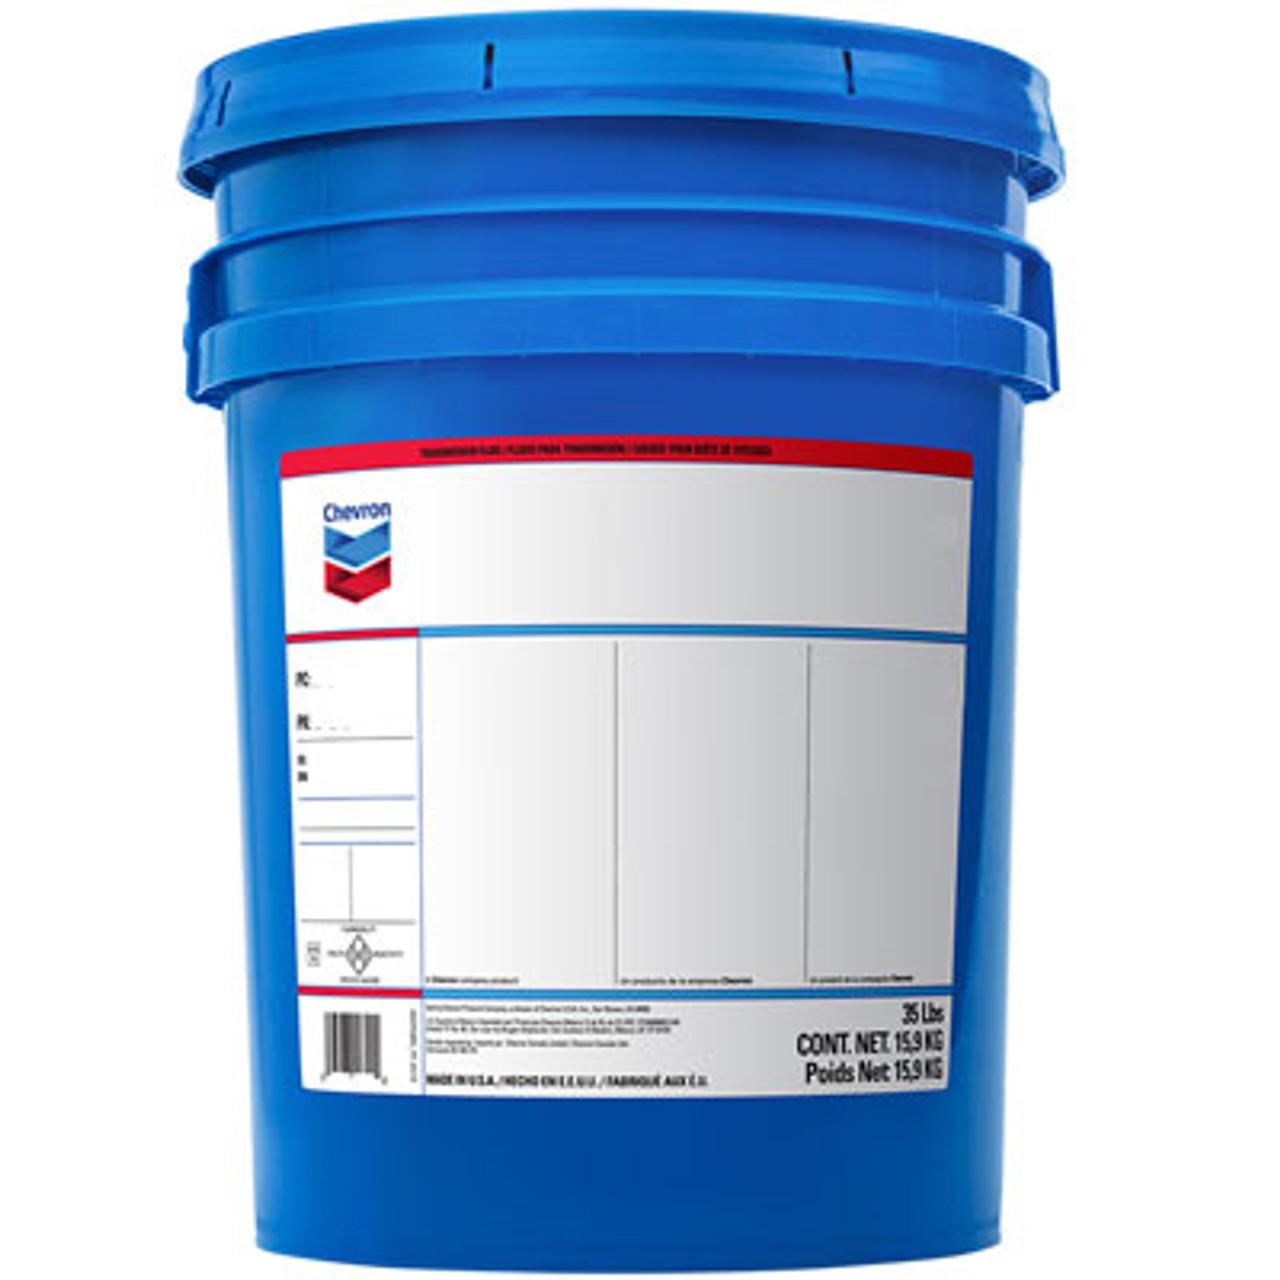 Chevron Meropa® 460 Gear Oil - 35 Pound Pail